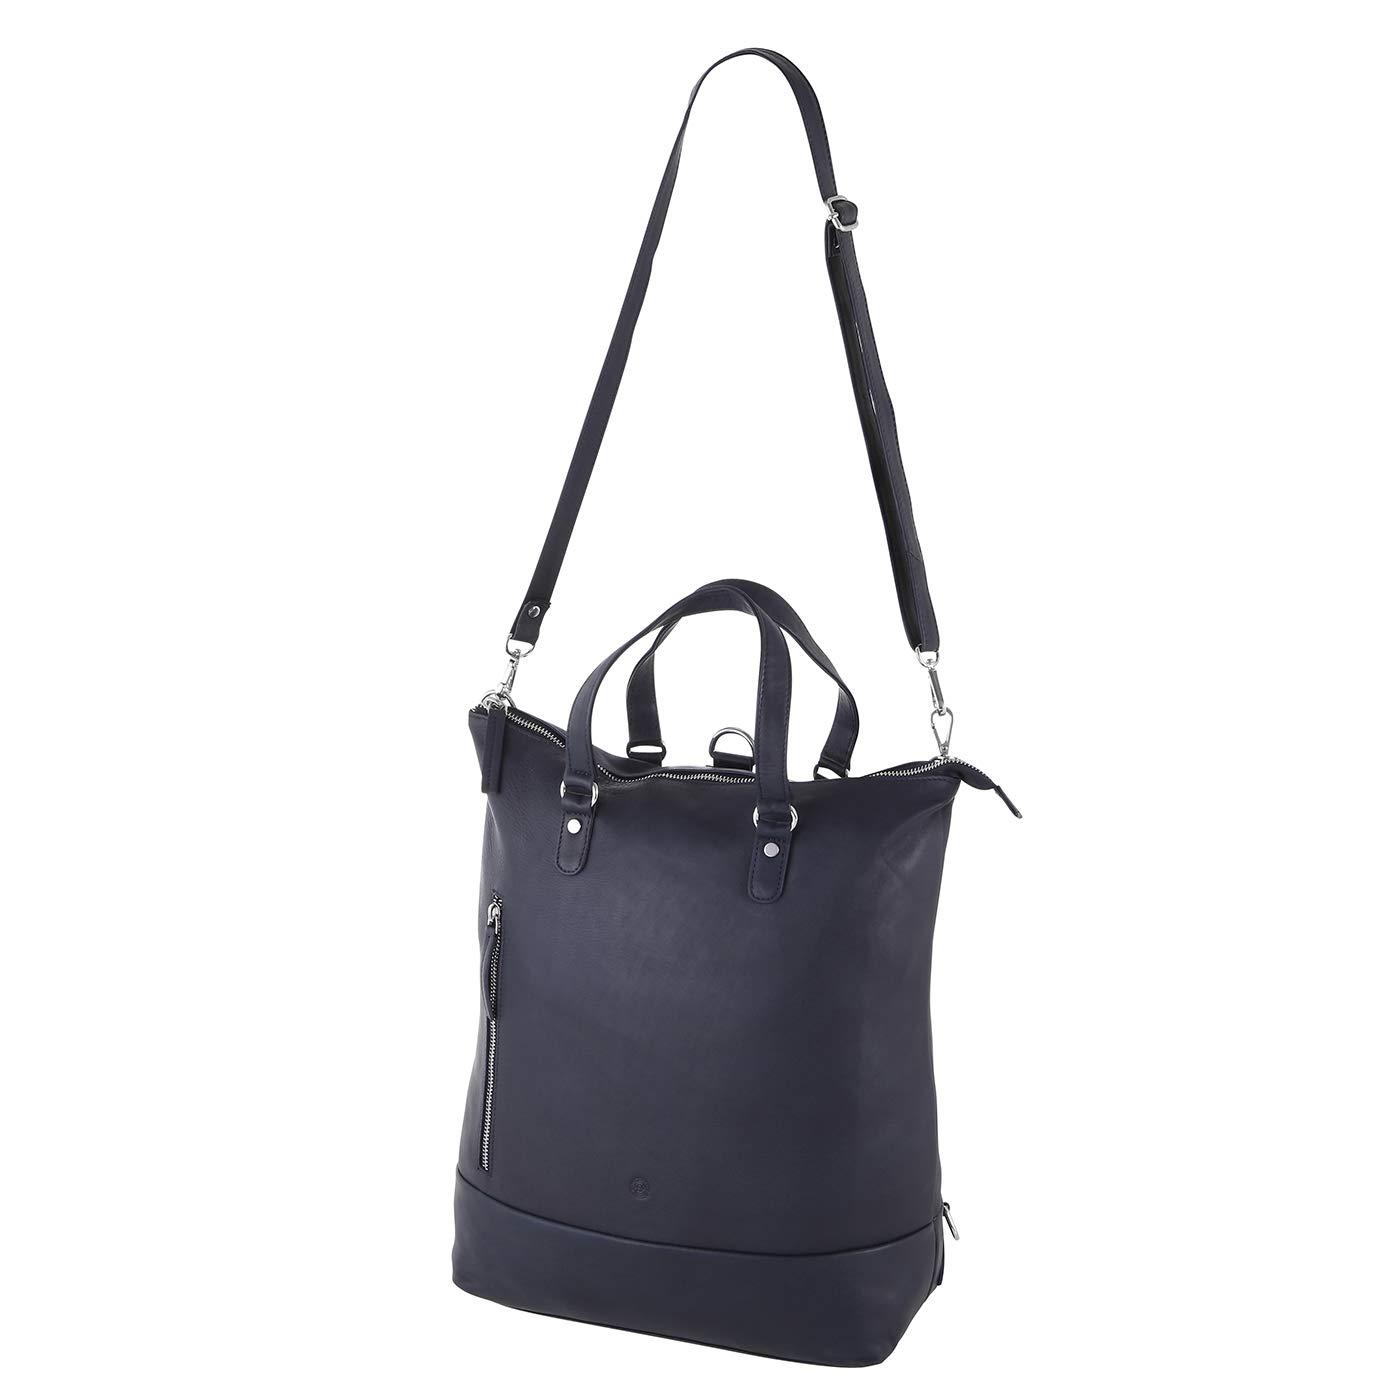 Sattlers & Co. Damen Rucksack Handtasche Dalur aus Leder, als Umhängetasche verwendbar, Lederrucksack mit Laptopfach 15 Zoll (schwarz) Schwarz